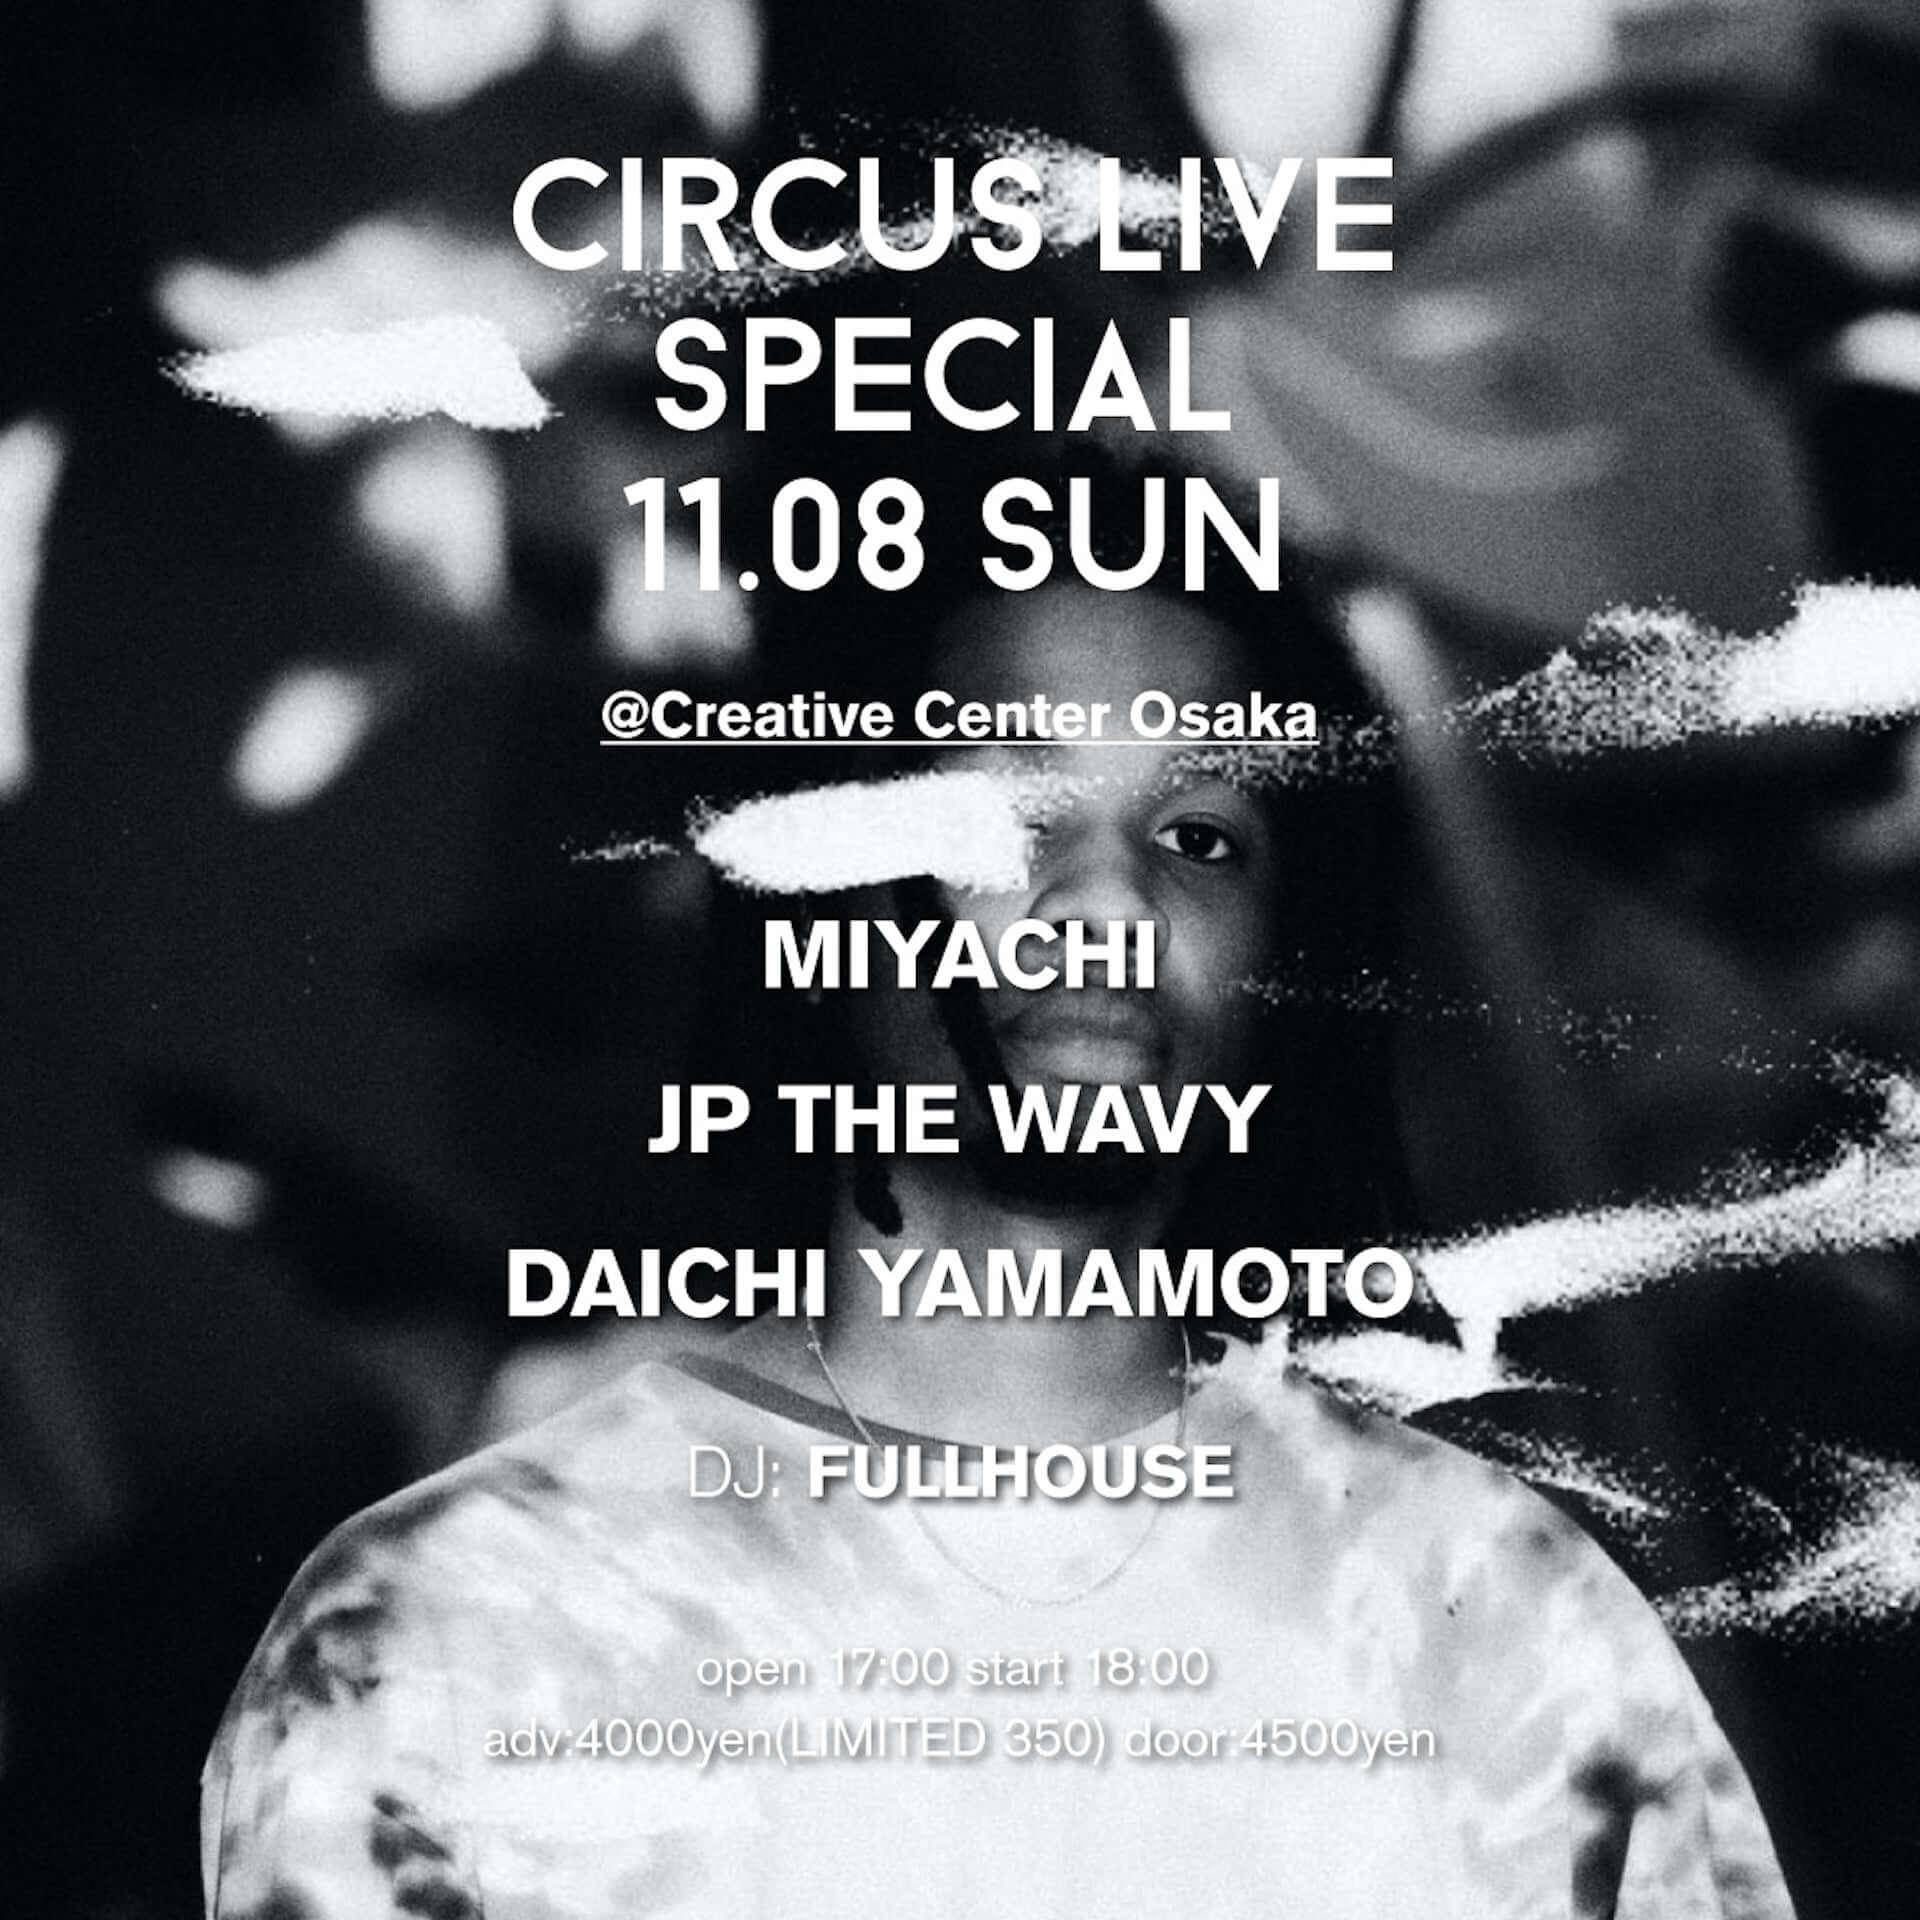 クリエイティブセンター大阪でのライブ企画にMIYACHI、Daichi Yamamoto、JP THE WAVYが出演決定!枚数限定チケットは現在先行受付中 music201021_circus1108_10-1920x1920